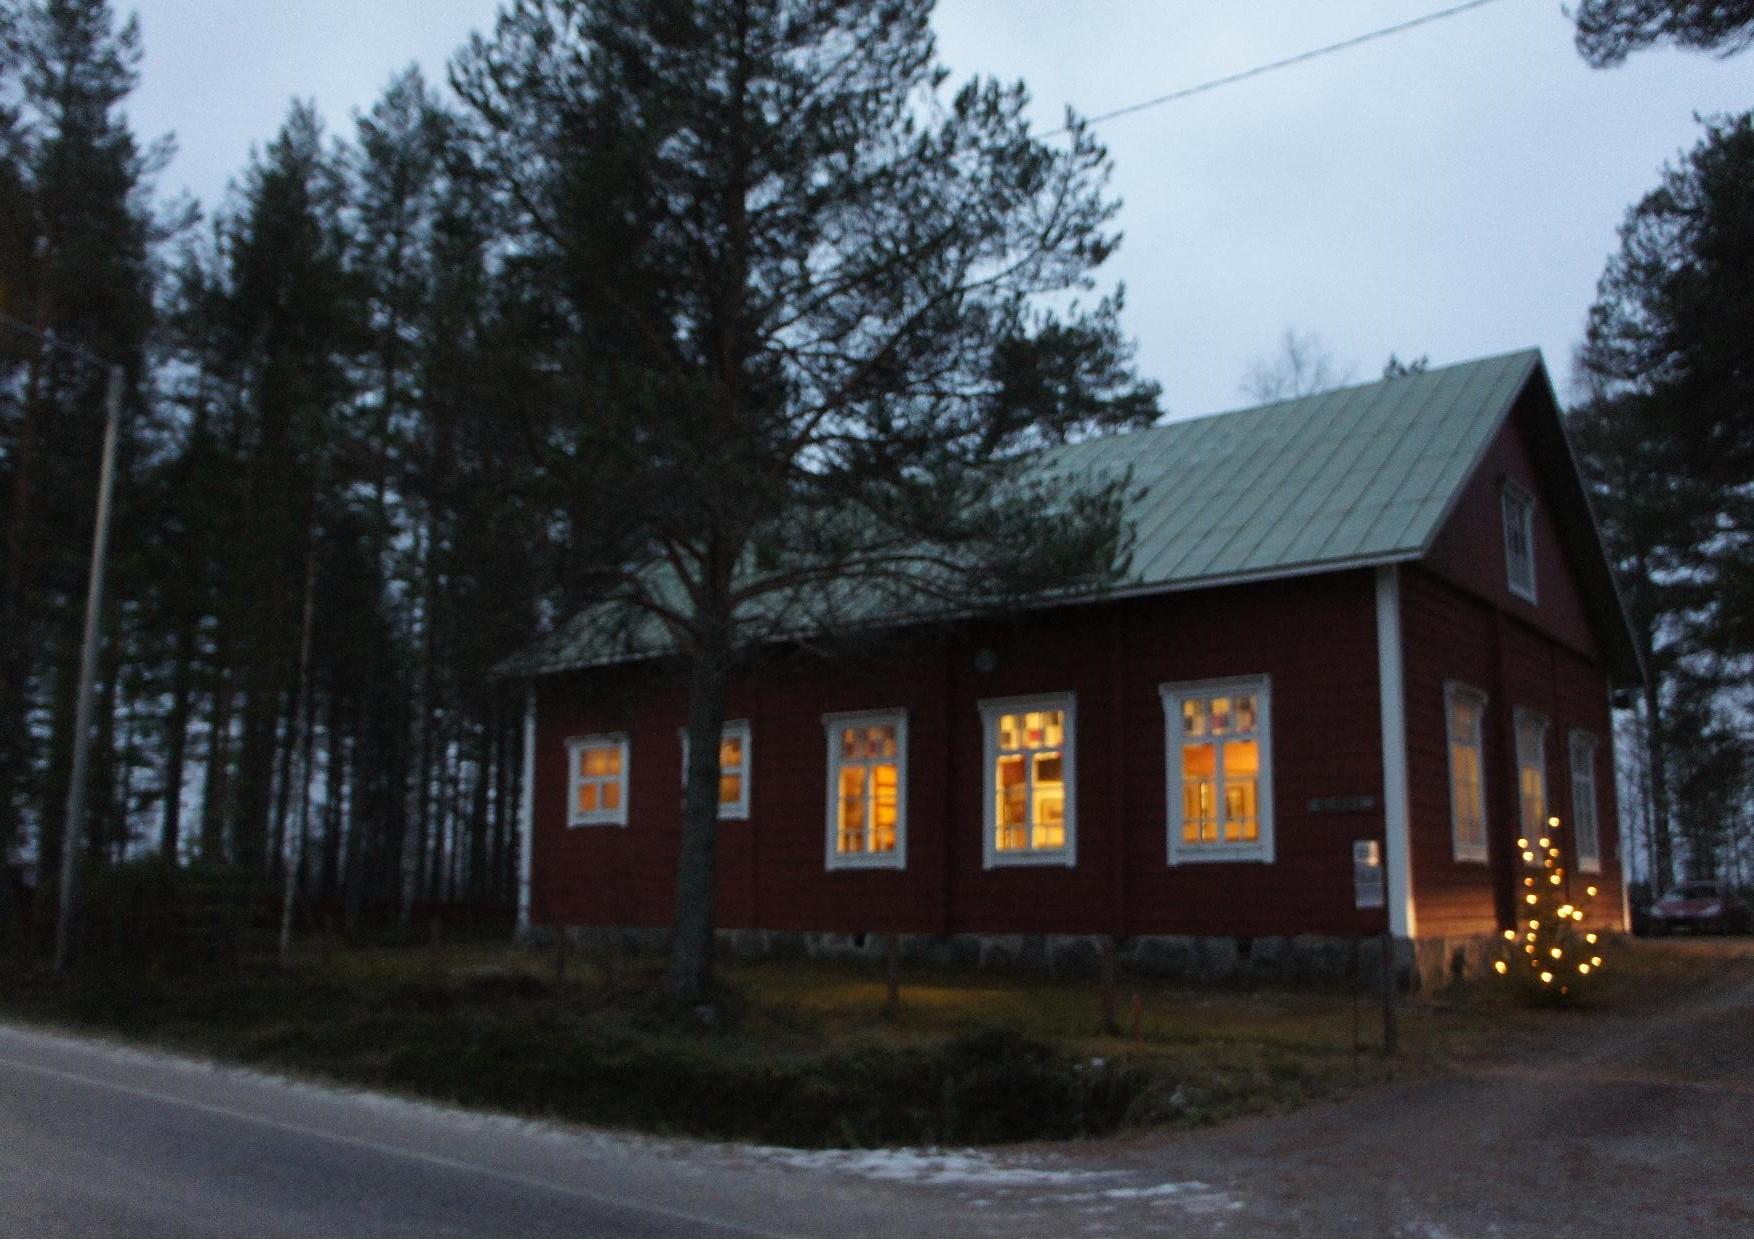 Seuralan talo Nurmijärven keskustassa juhlavalaistuksessa. Rukajärven tie näyttely avattiin klo 13.